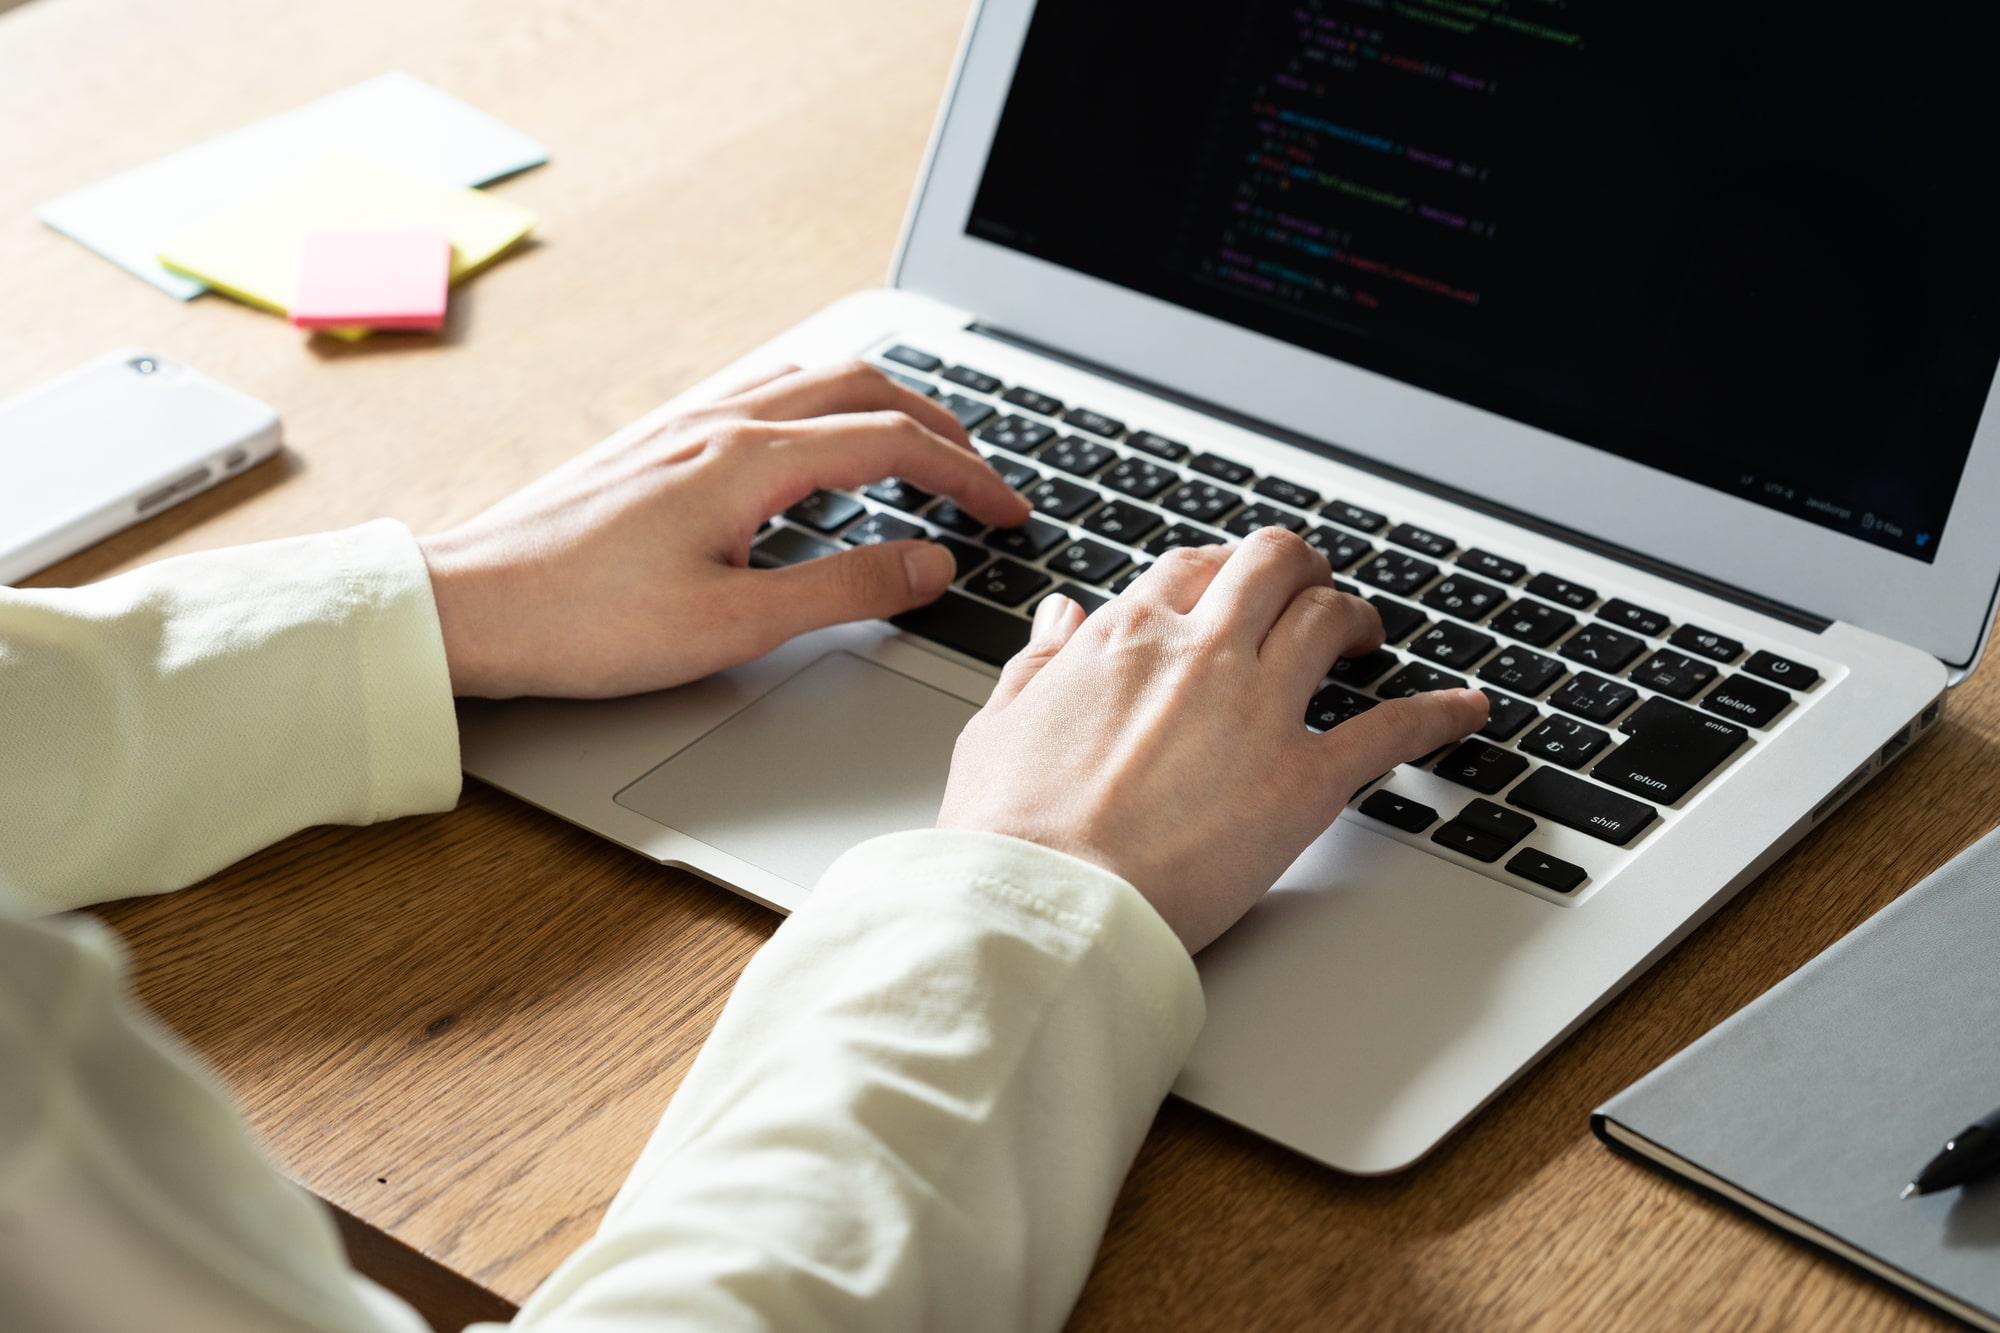 バックエンドのWebエンジニアに求められるスキル・資格